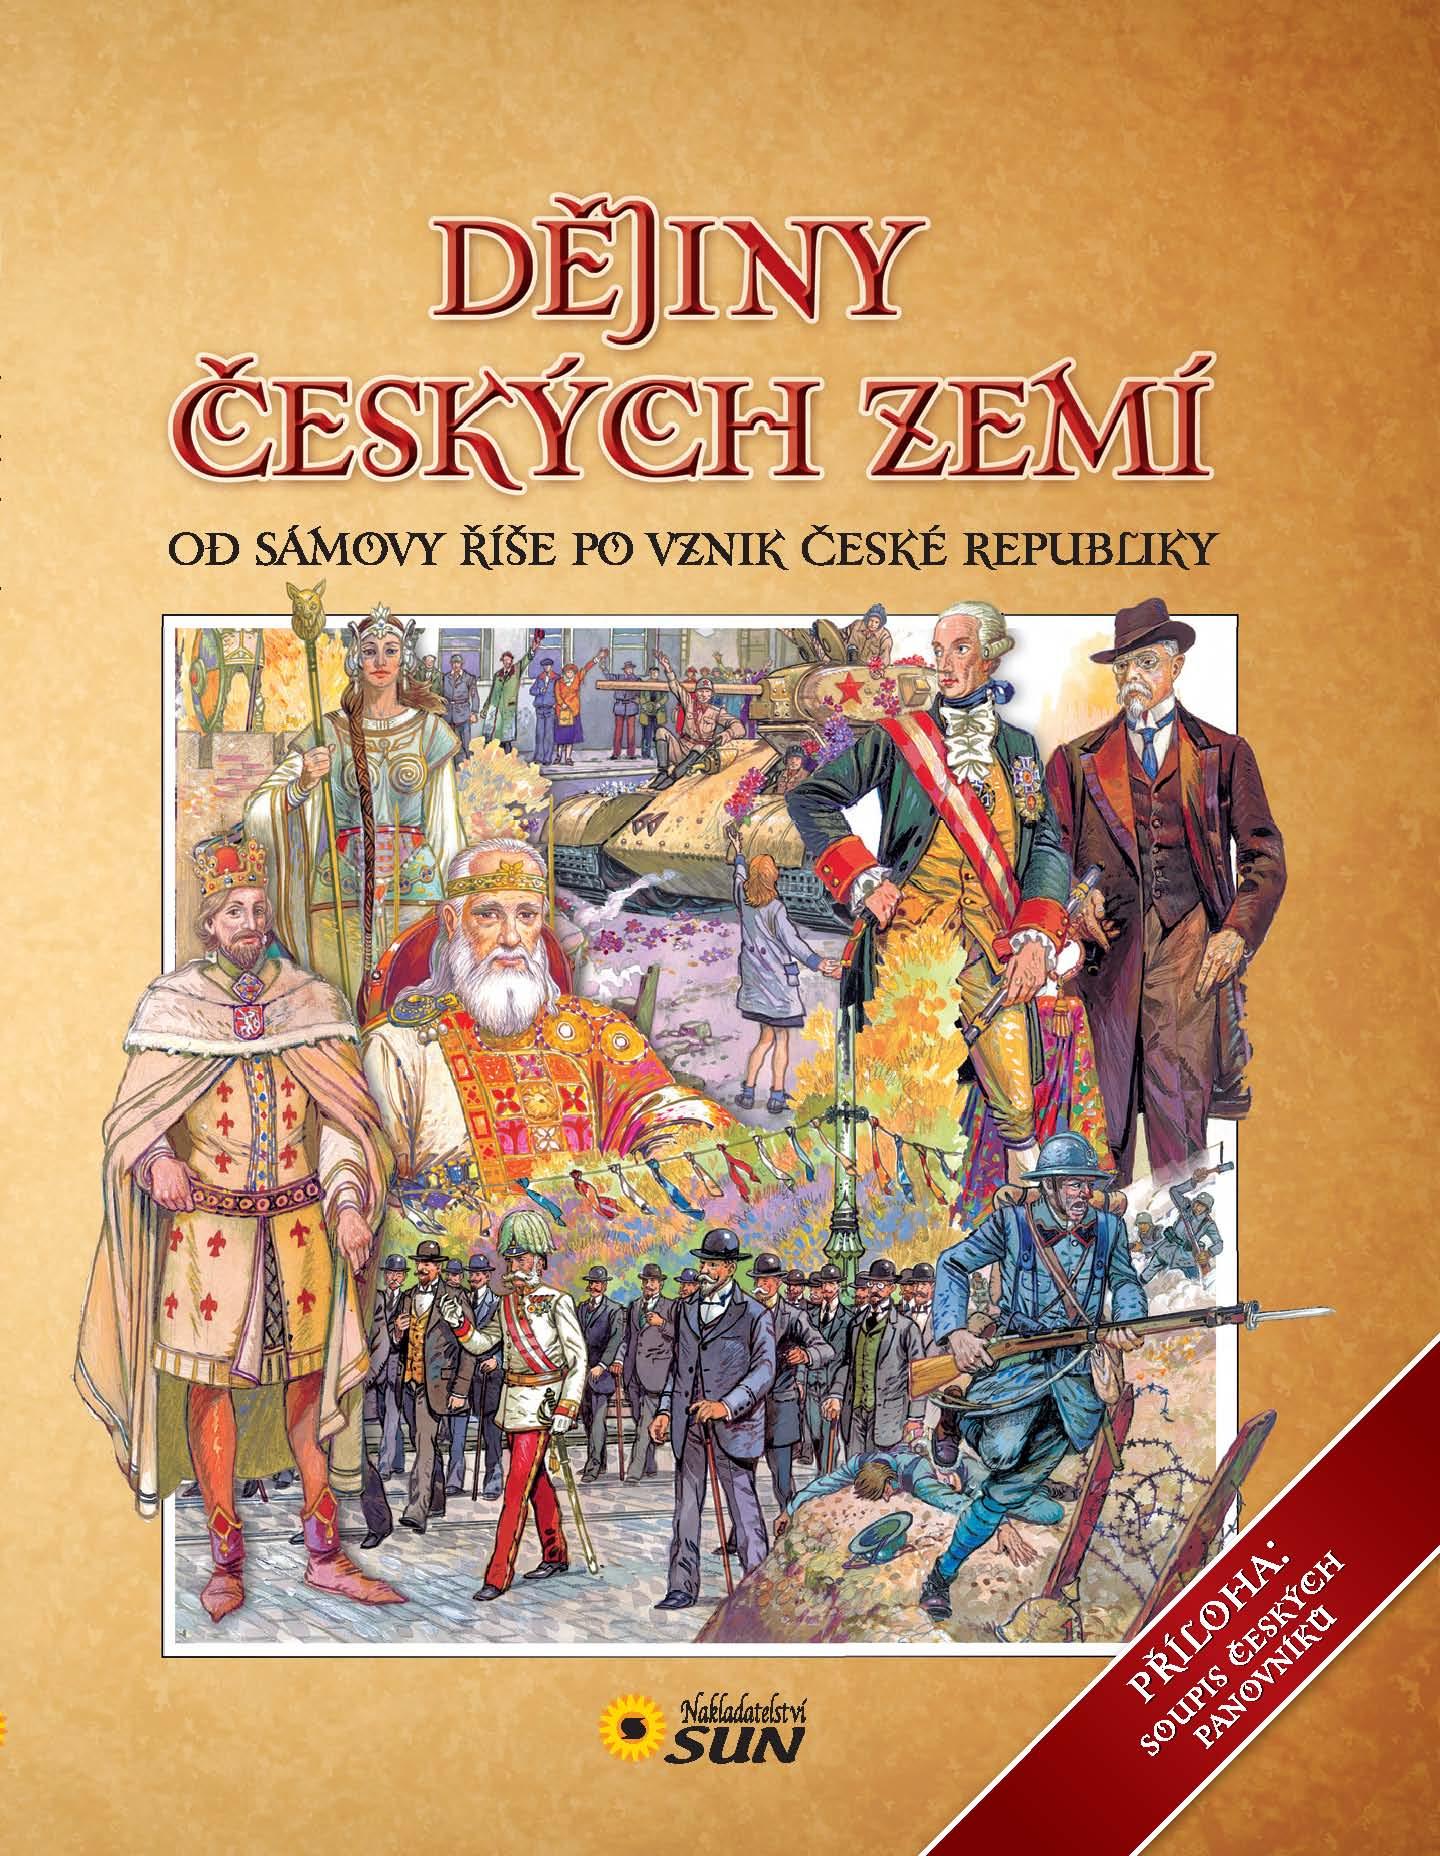 dějiny českých zemí kniha